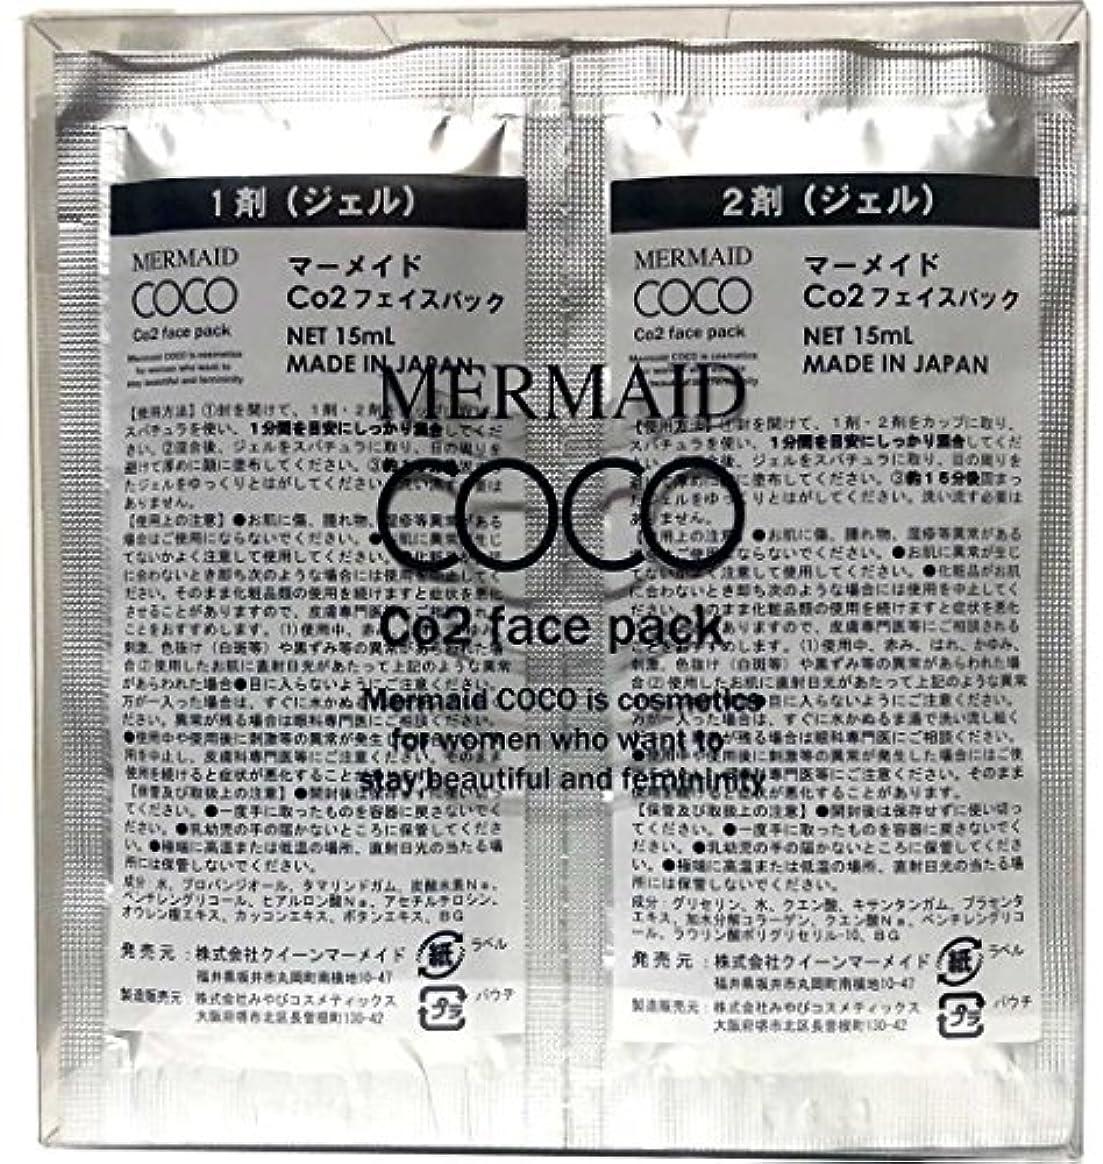 マーメイド ココ  MERMAID COCO Co2 フェイスパック 10回分